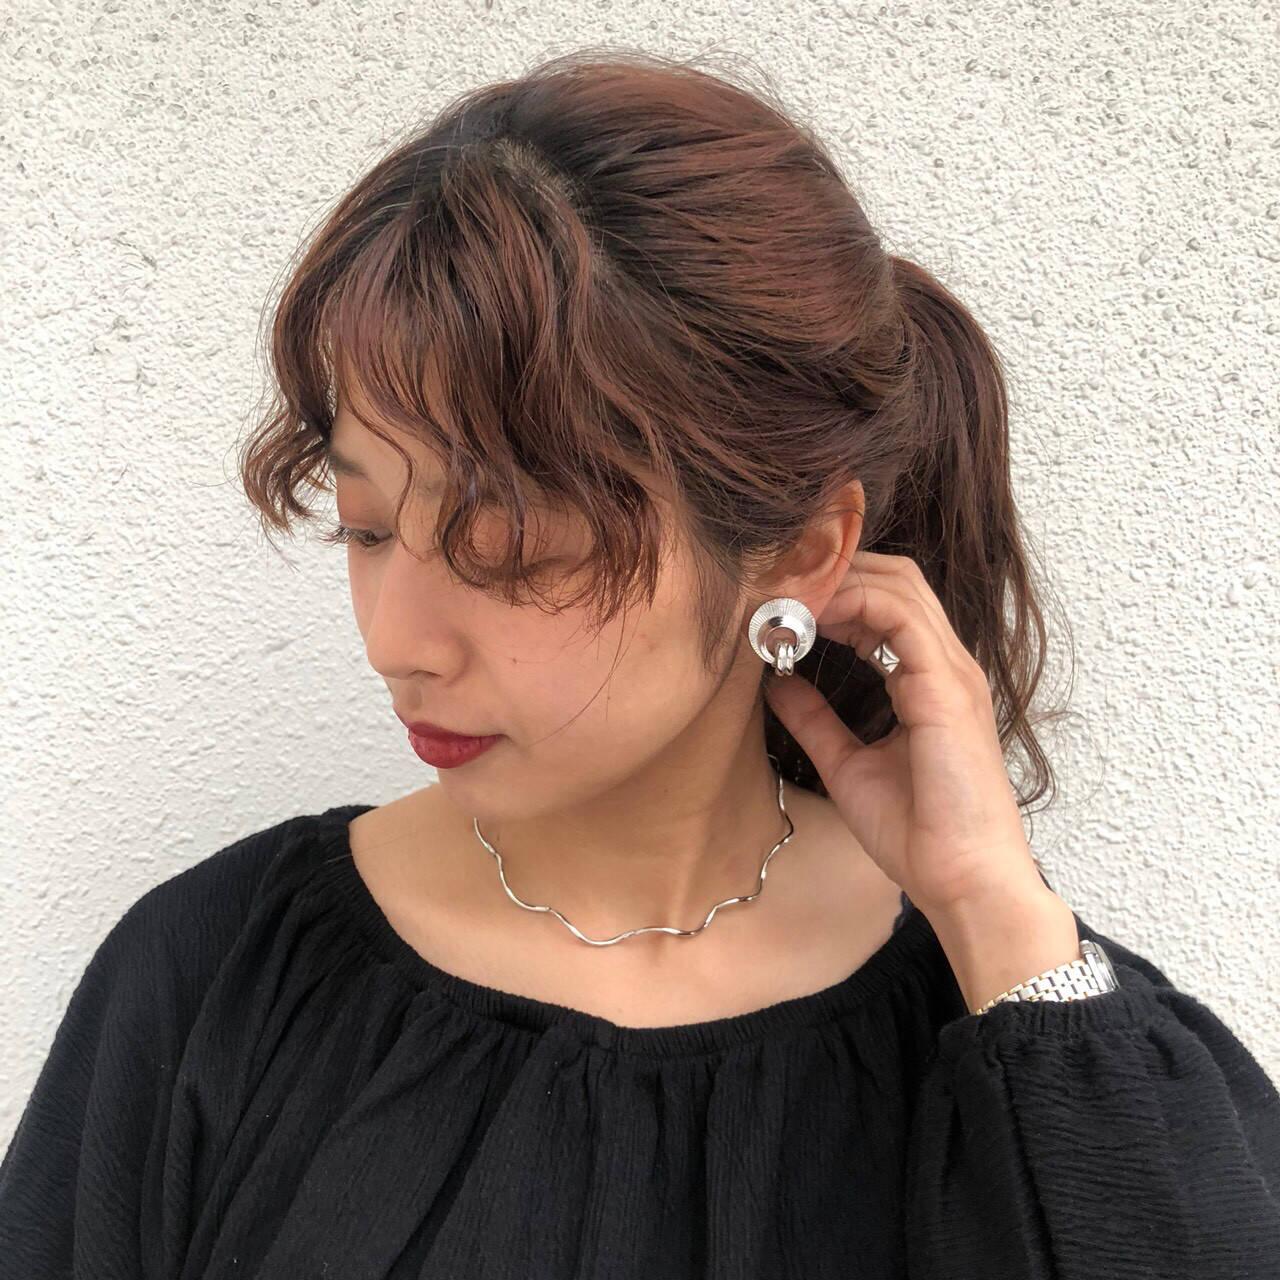 ミディアム ヘアアレンジ アプリコットオレンジ ナチュラルヘアスタイルや髪型の写真・画像